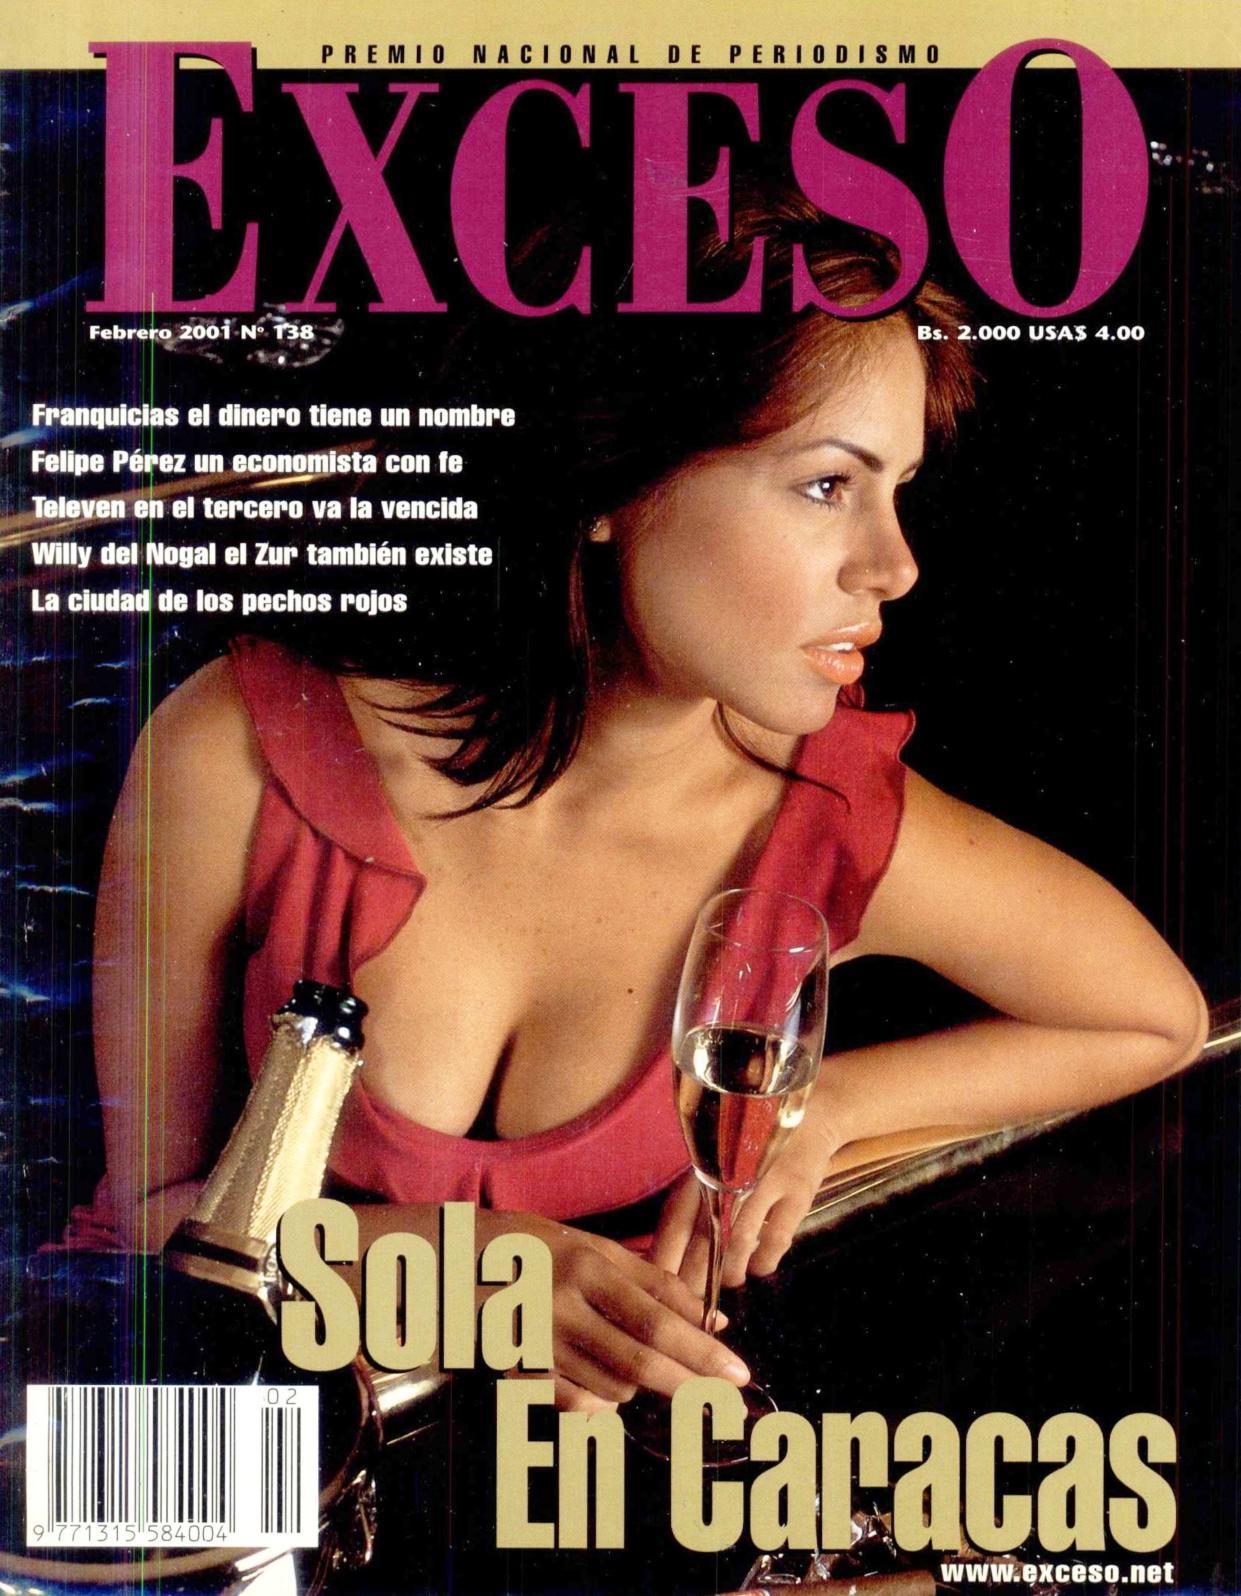 Actriz Porno Con Boina calaméo - revista exceso ediciÓn nº 138 febrero 2001